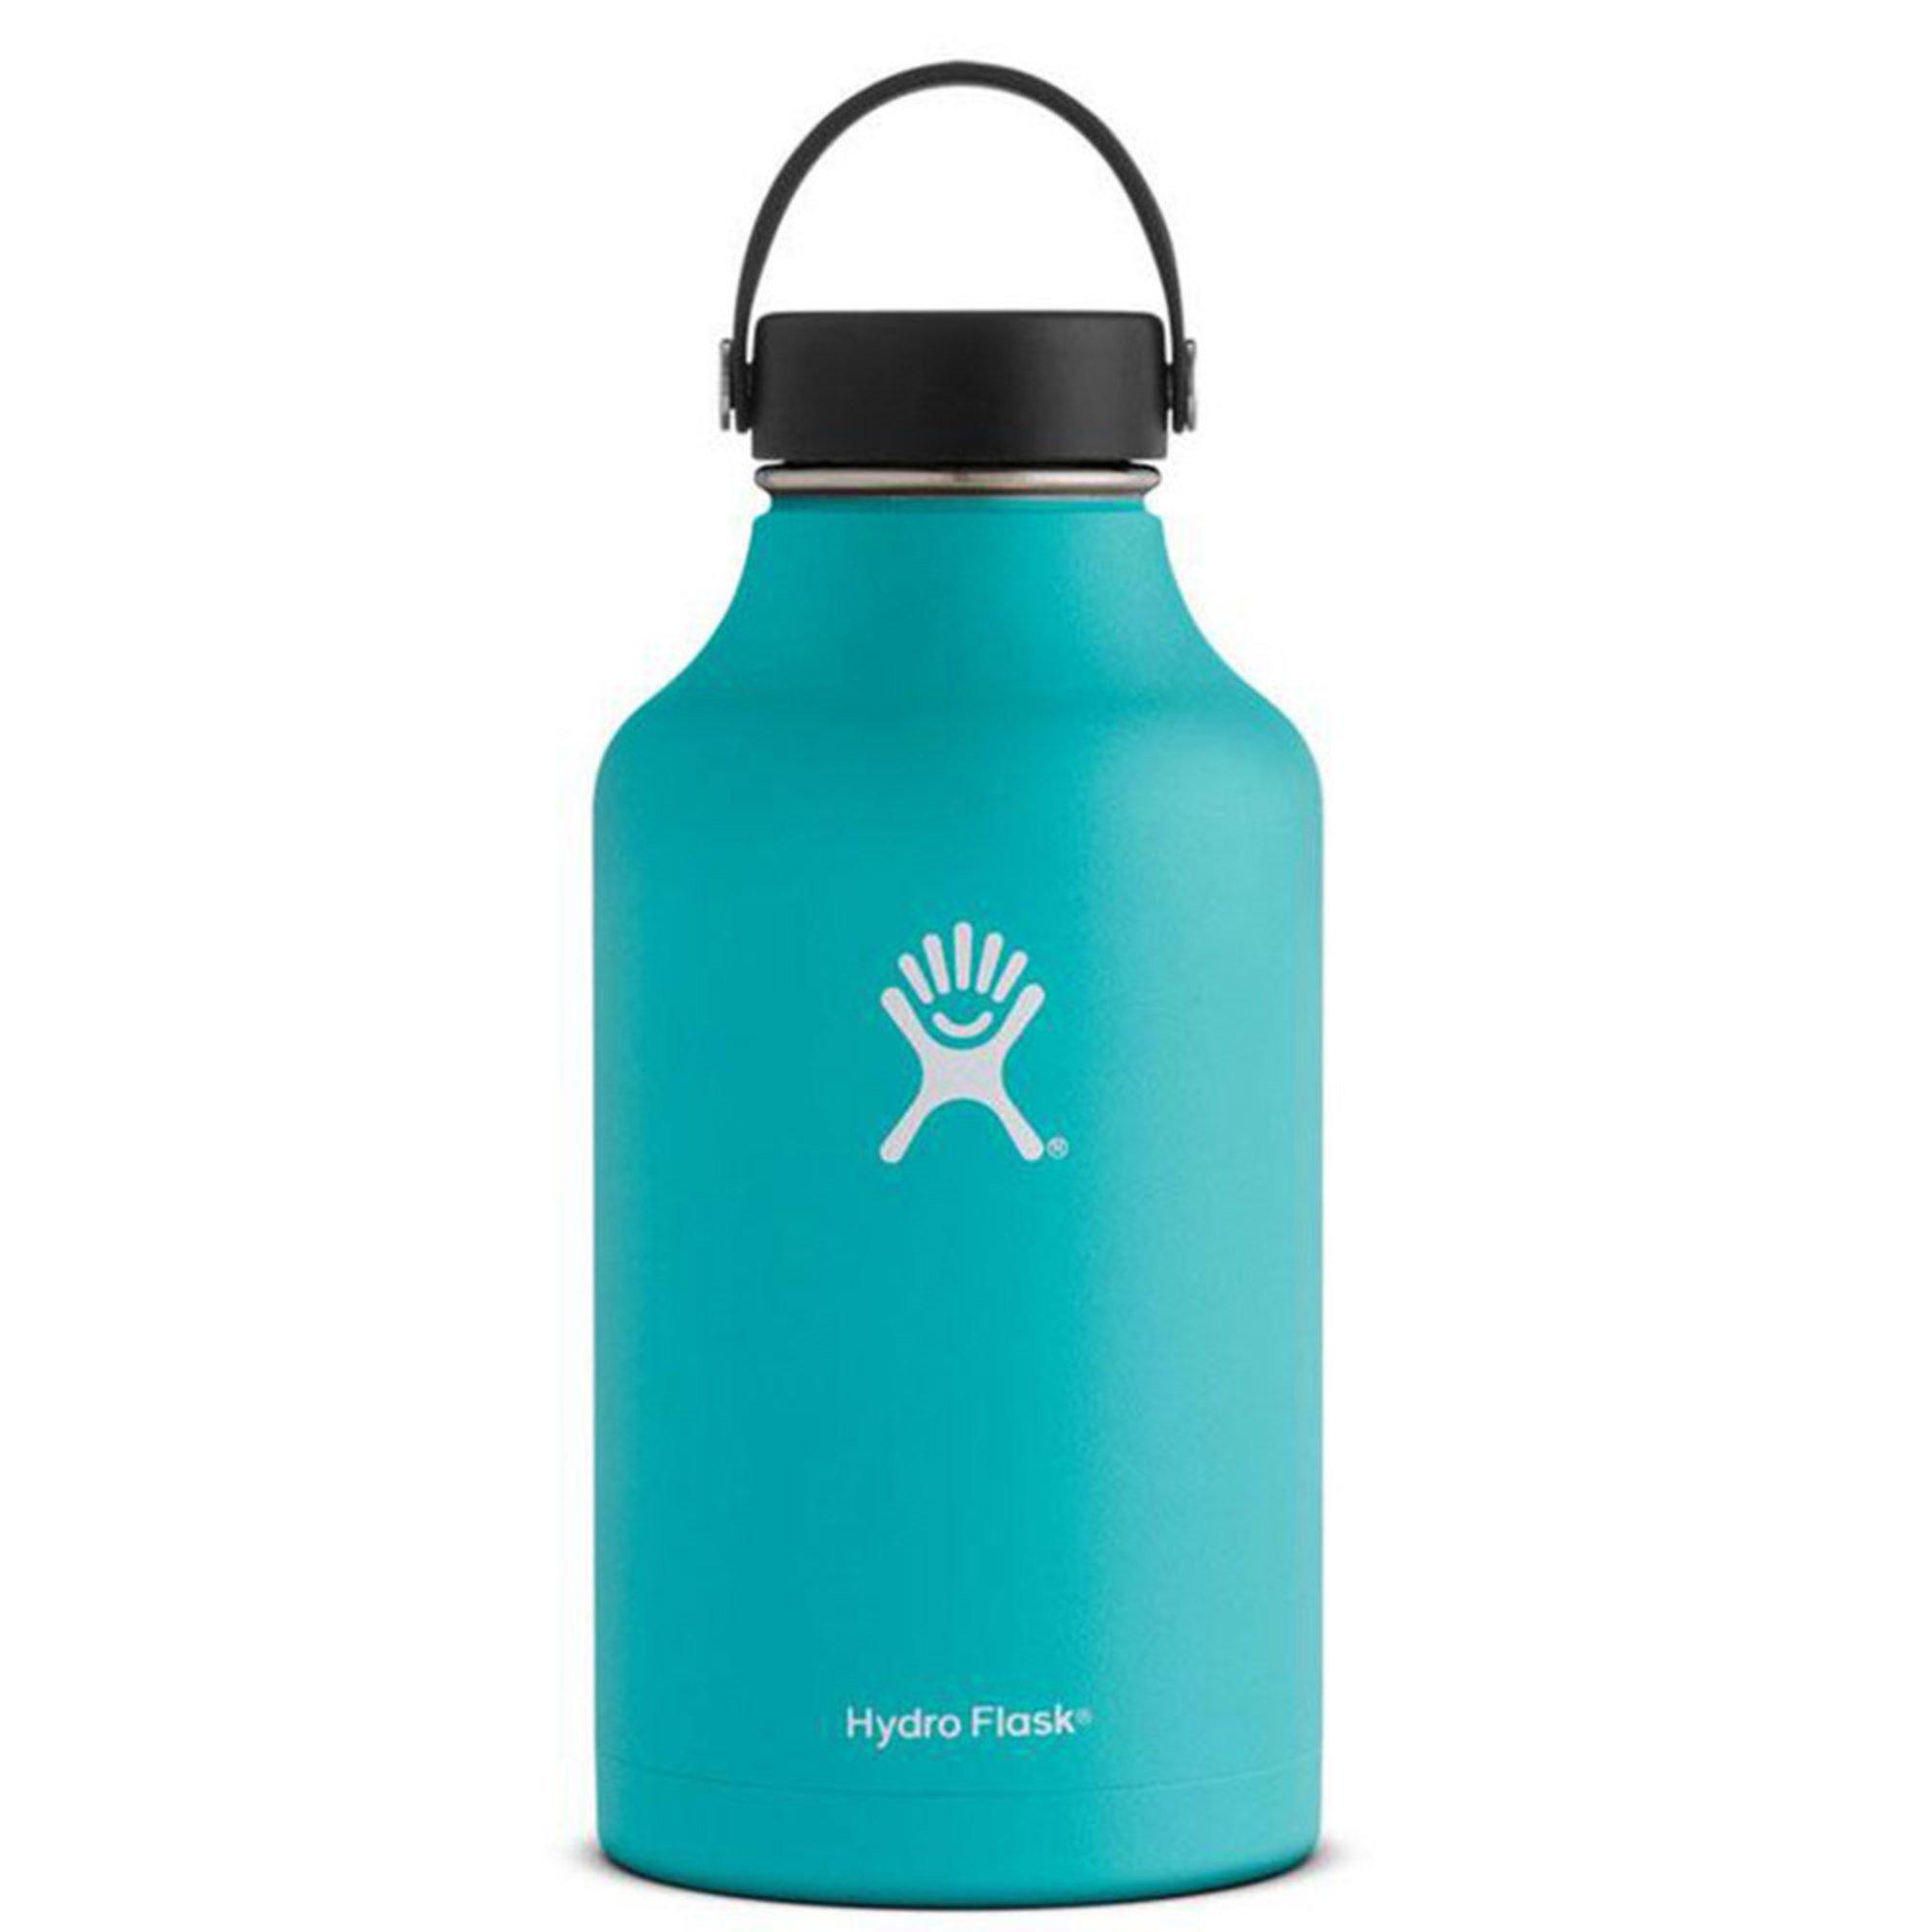 Hydro Flask 64 Oz Growler Bottle - Mint